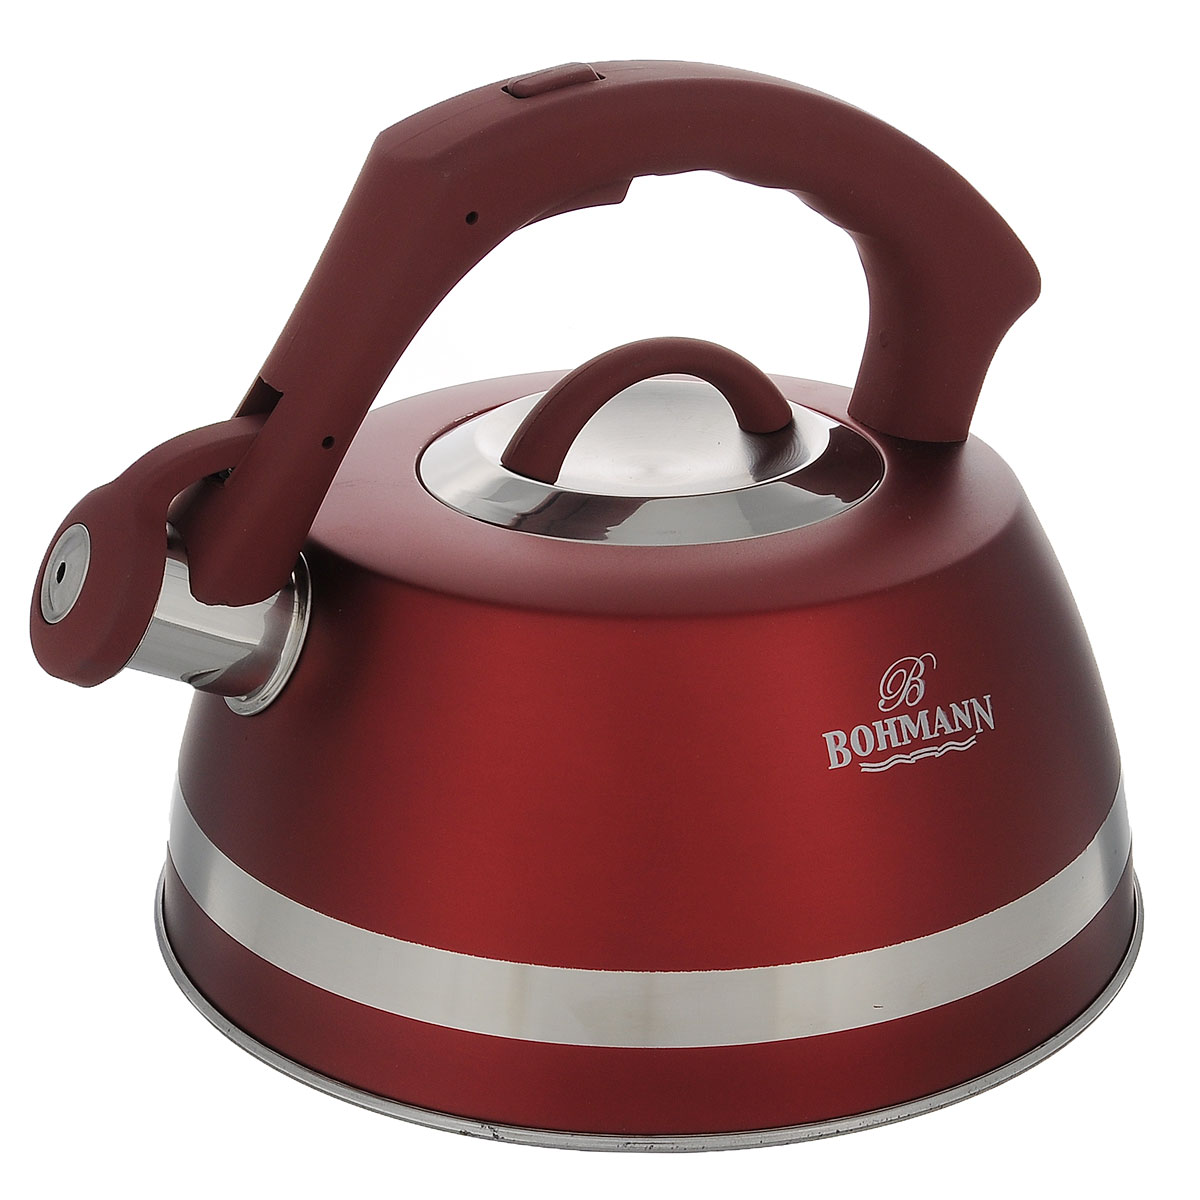 Чайник Bohmann со свистком, цвет: красный, 3,5 л. BH - 99671683Чайник Bohmann изготовлен из высококачественной нержавеющей стали с матовым цветнымпокрытием. Фиксированная ручка изготовлена из бакелита с прорезиненным покрытием. Носикчайника оснащен откидным свистком, звуковой сигнал которого подскажет, когда закипит вода.Свисток открывается нажатием кнопки на ручке. Чайник Bohmann - качественное исполнение и стильное решение для вашей кухни.Подходит для использования на газовых, стеклокерамических, электрических, галогеновых ииндукционных плитах. Нельзя мыть в посудомоечной машине.